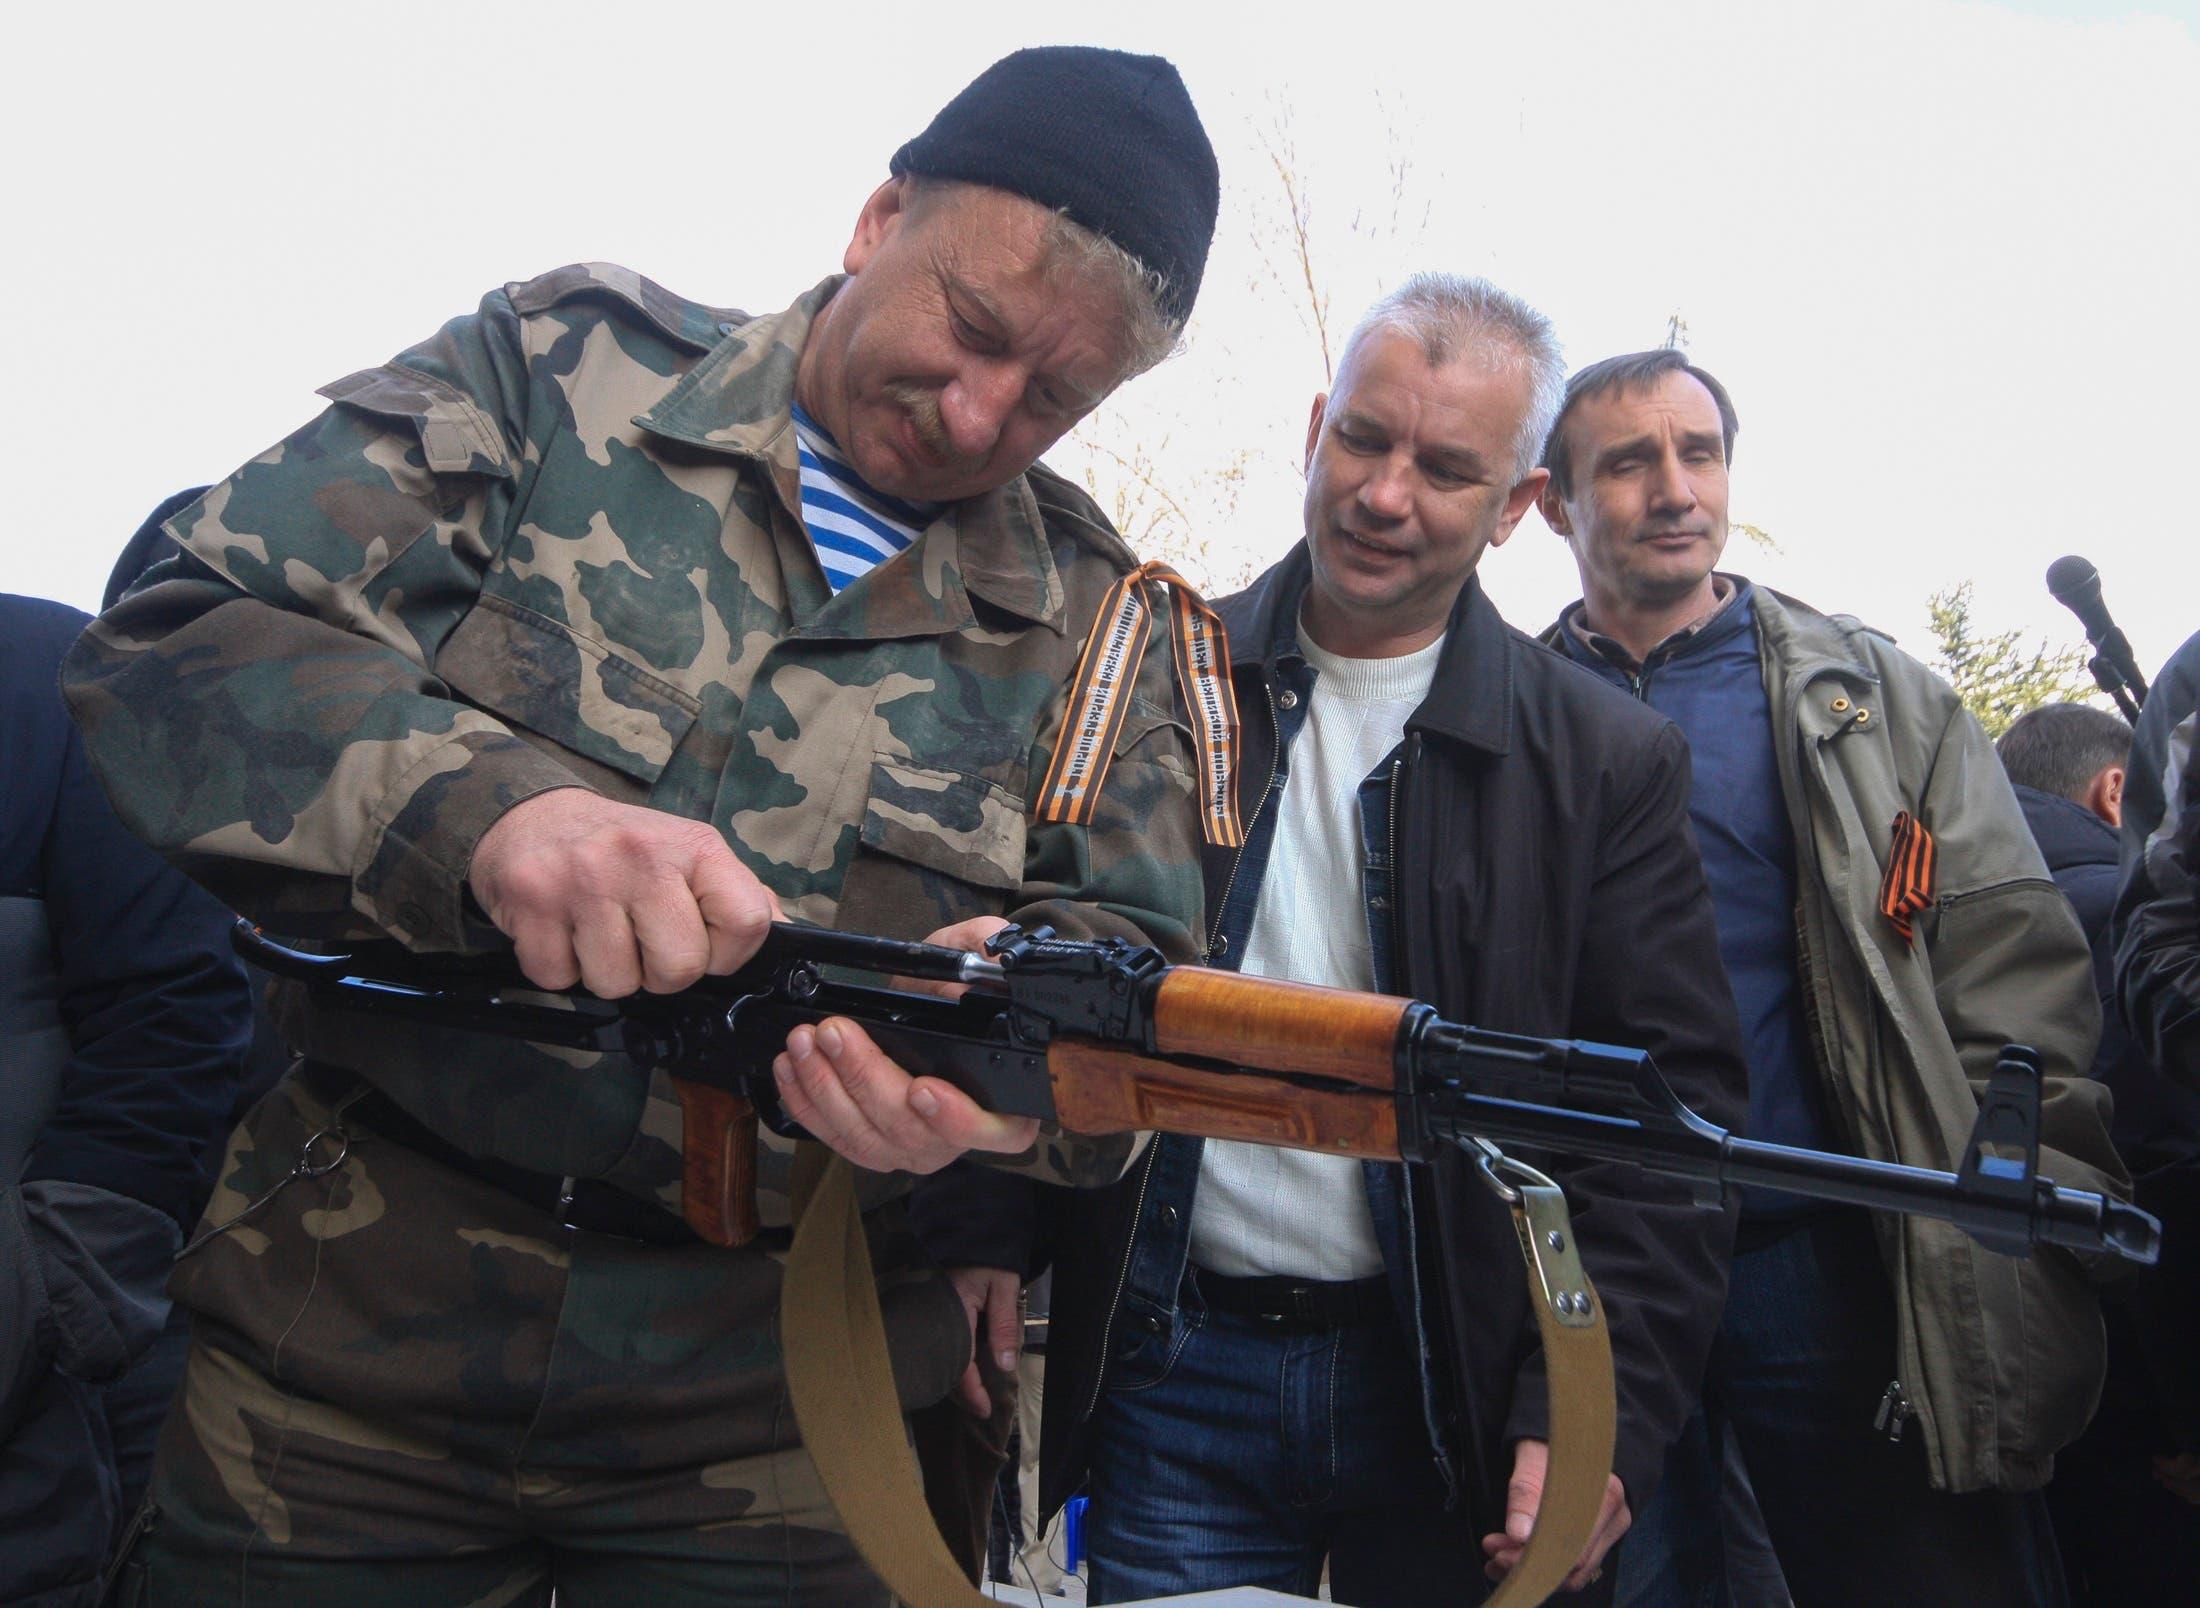 موالون لروسيا شكلوا قوات لمواجهة المعارضين في اوكرانيا